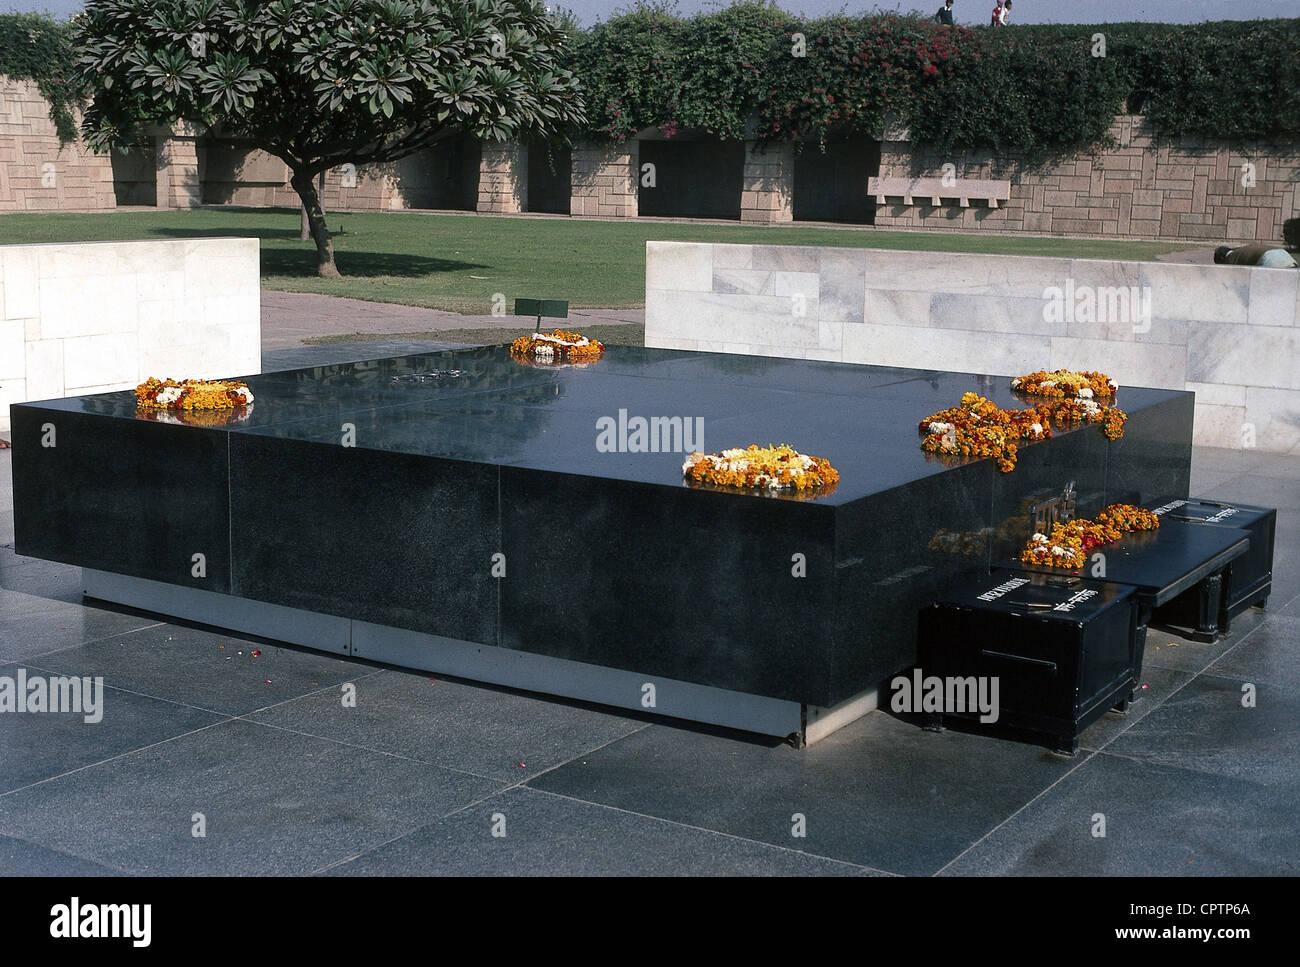 , Gandhi Mohandas Karamchand, chiamato mahatma, 2.10.1869 - 30.1.1948, uomo politico indiano, la sua tomba a Nuova Immagini Stock